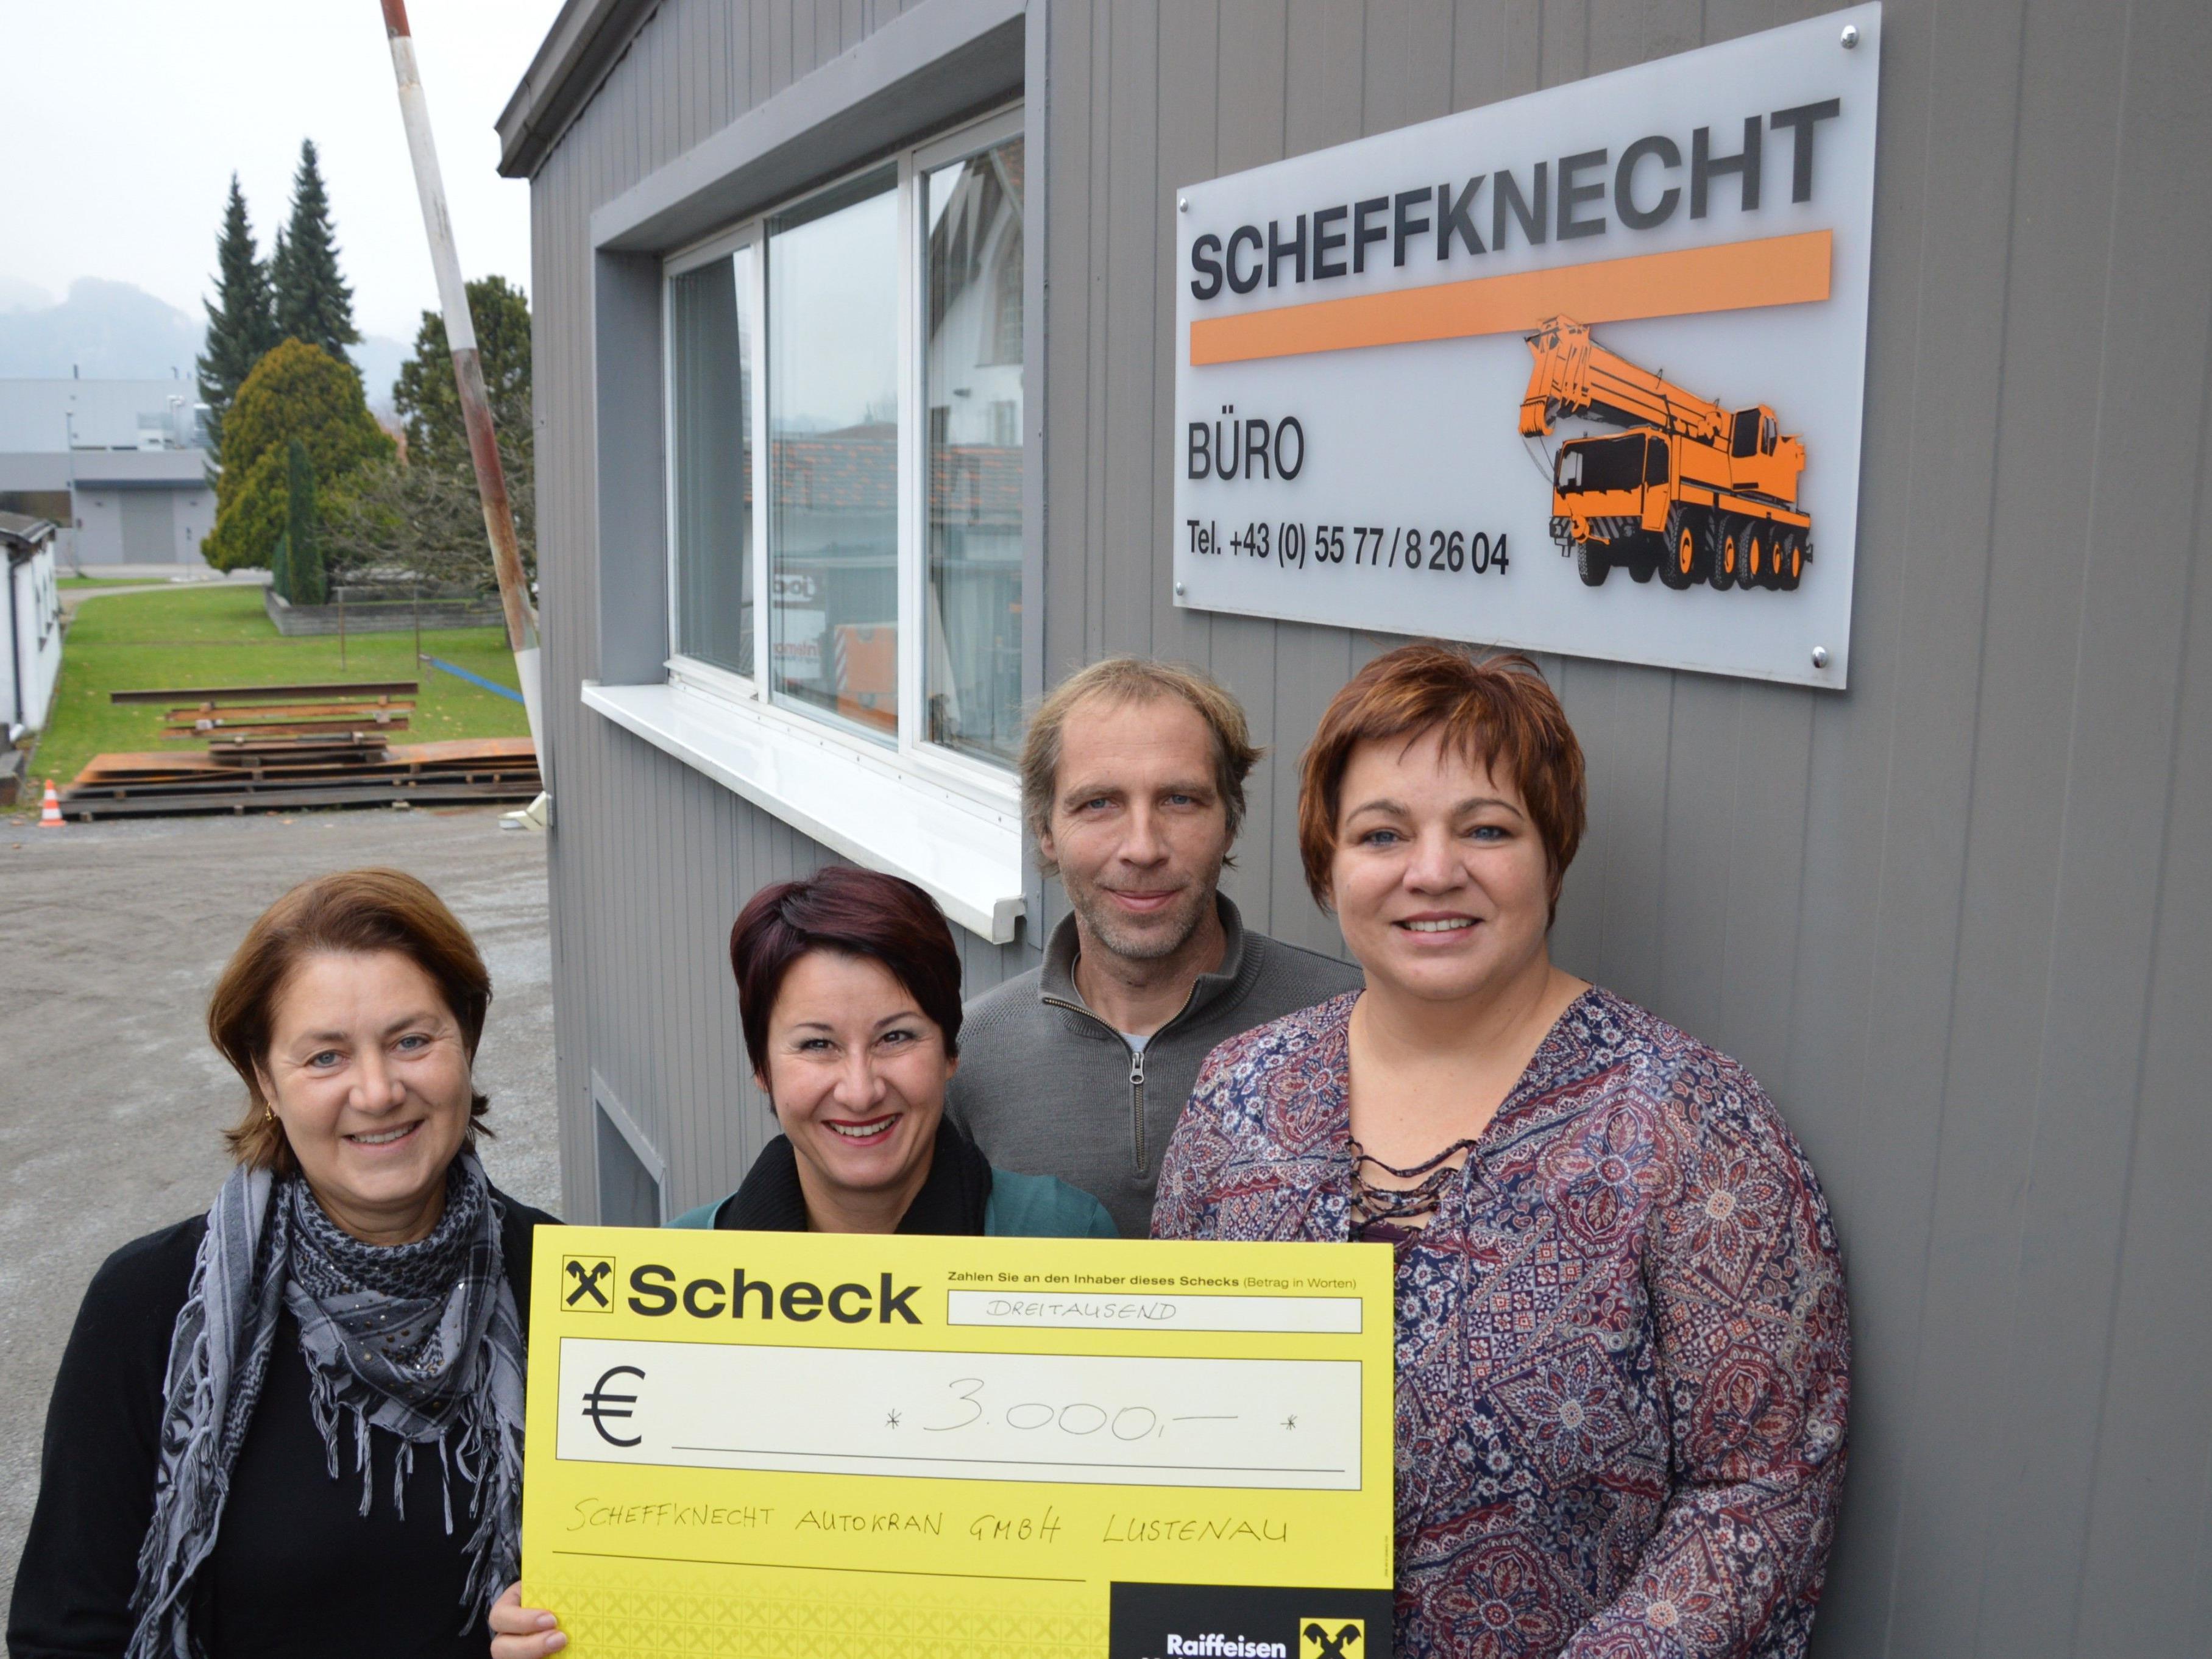 Monika Grabher, Susanne Marosch, Gerd und Michaela Scheffknecht bei der Scheckübergabe